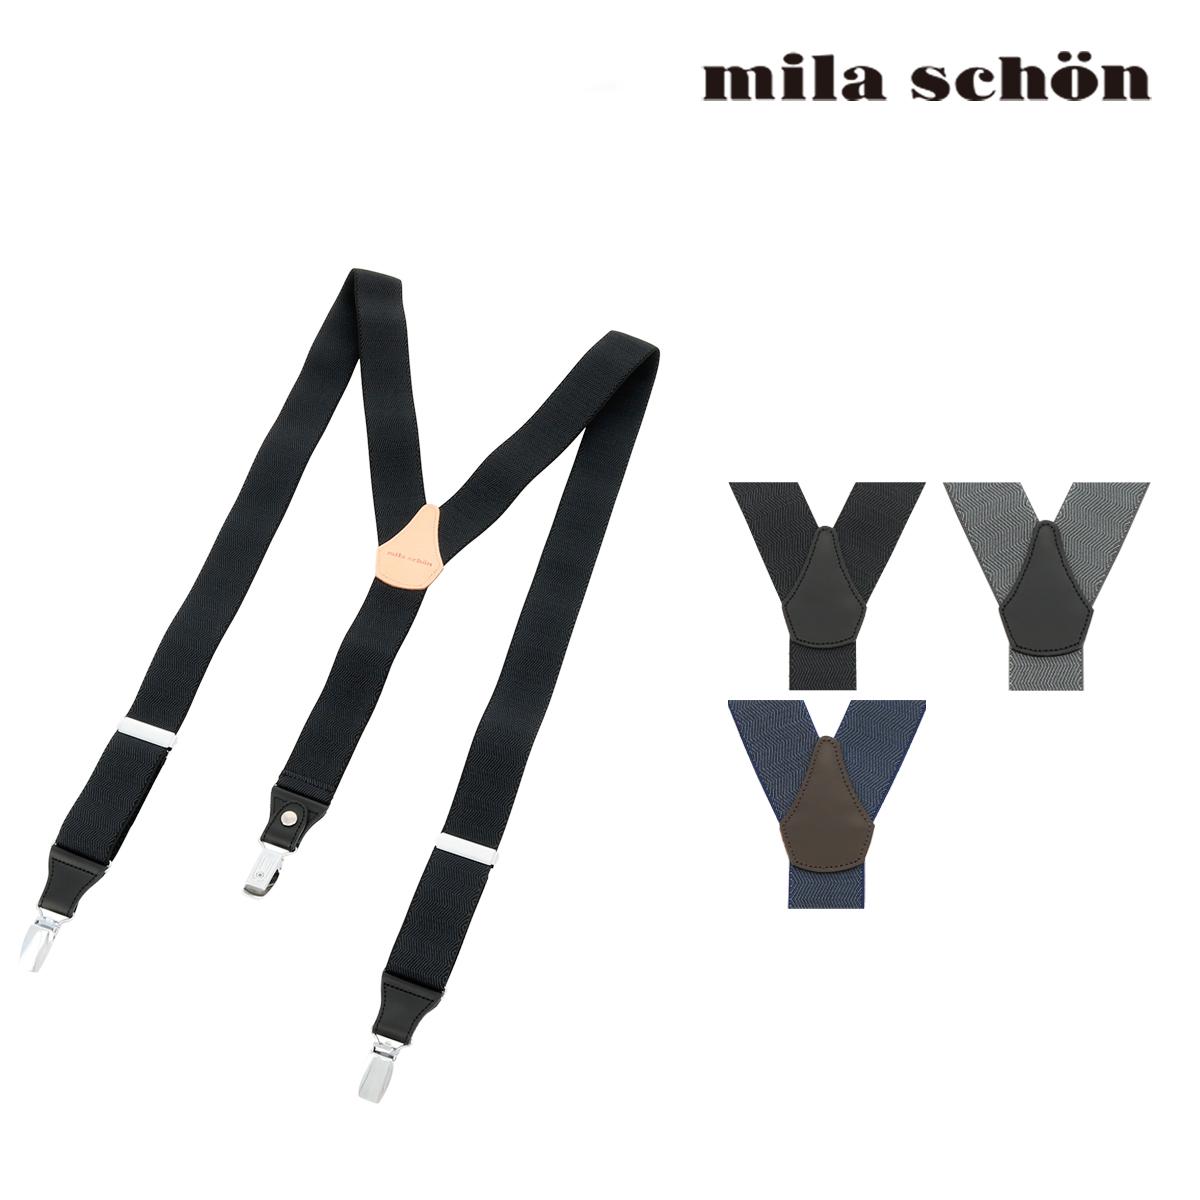 ミラショーン サスペンダー Y型 吊りバンド メンズ MSMBS101 日本製 Mila Schon | ビジネス カジュアル フォーマル